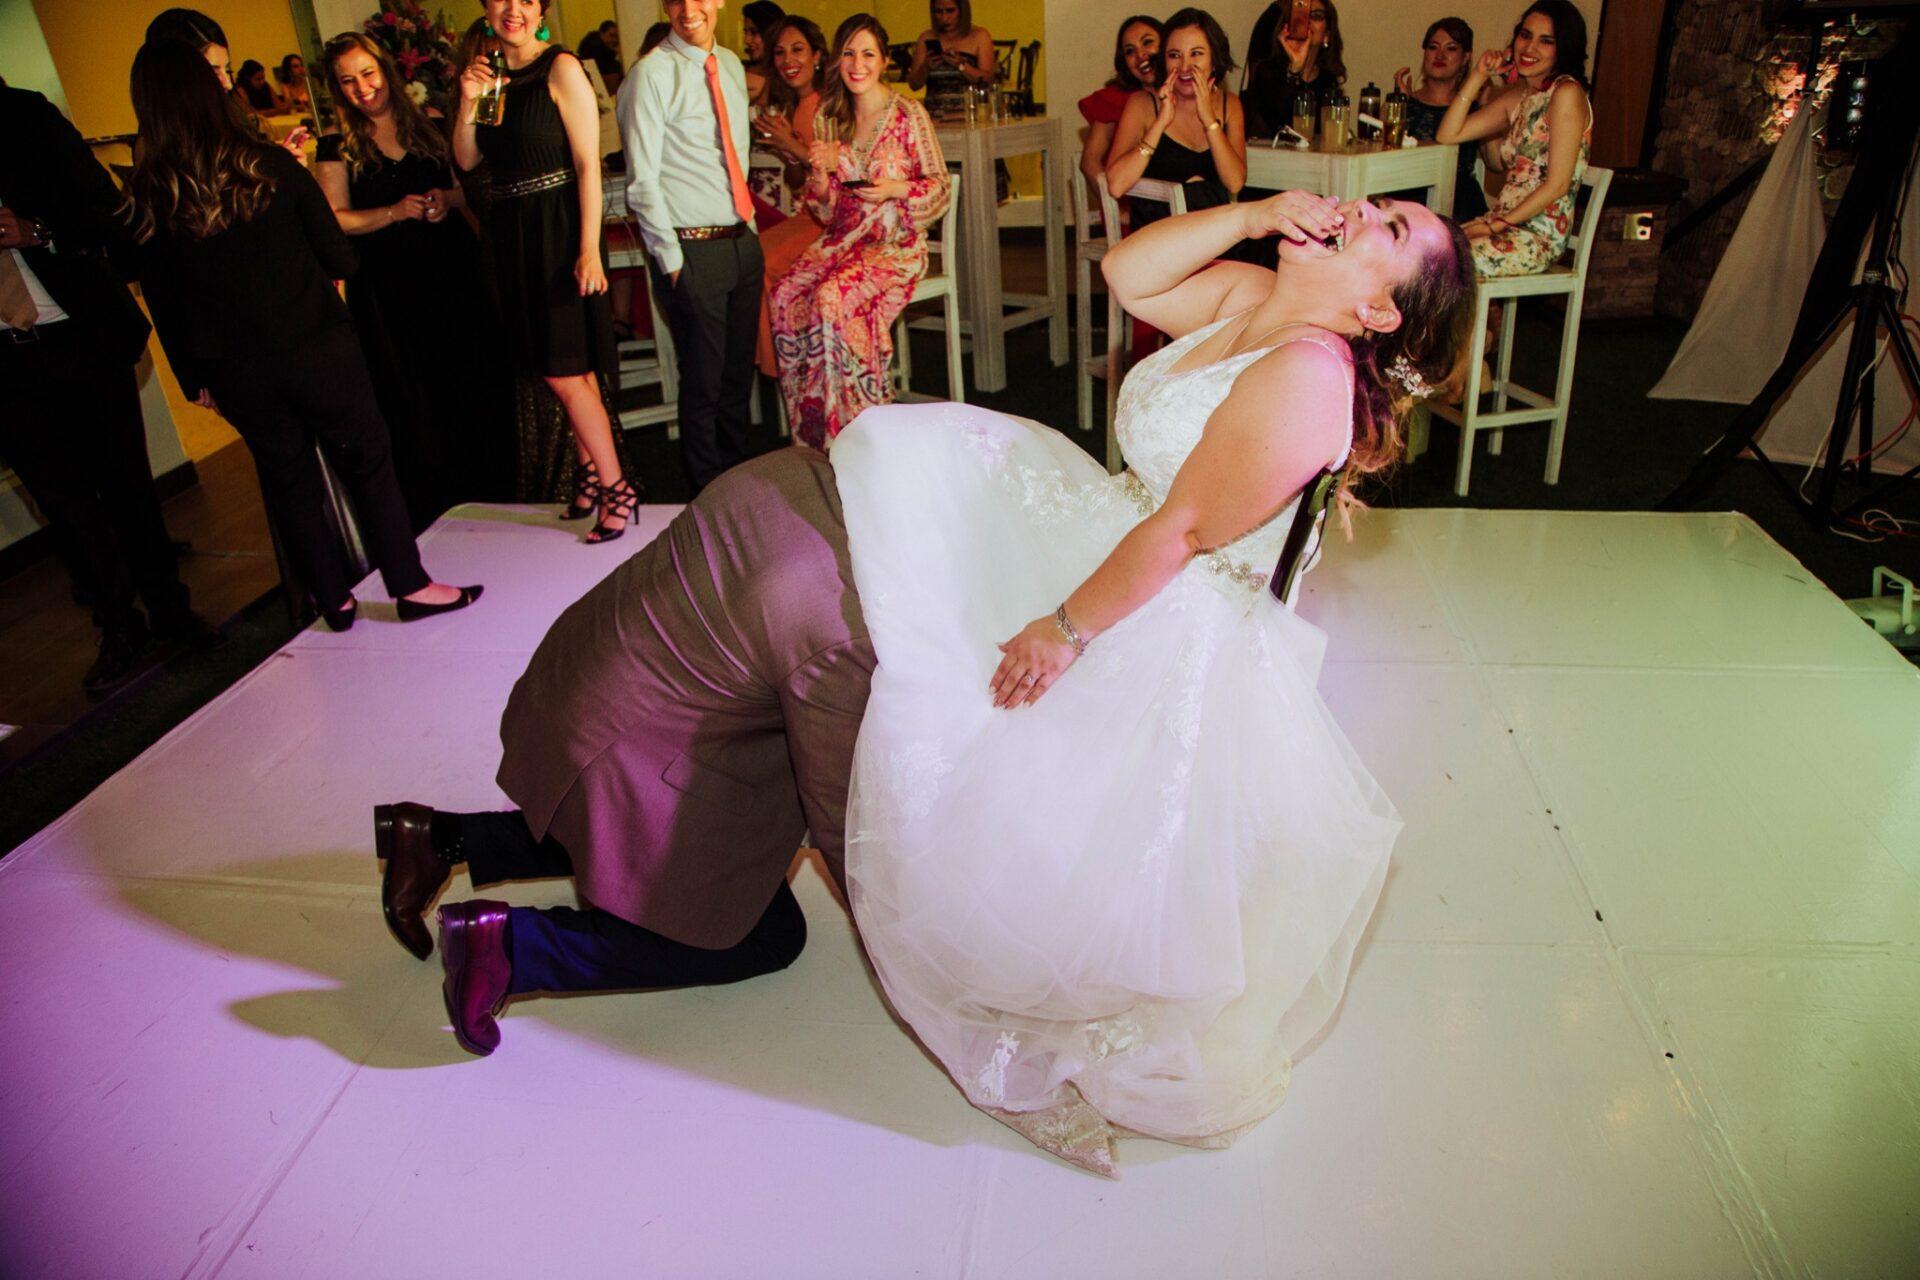 javier_noriega_fotografo_bodas_los_gaviones_zacatecas_wedding_photographer26